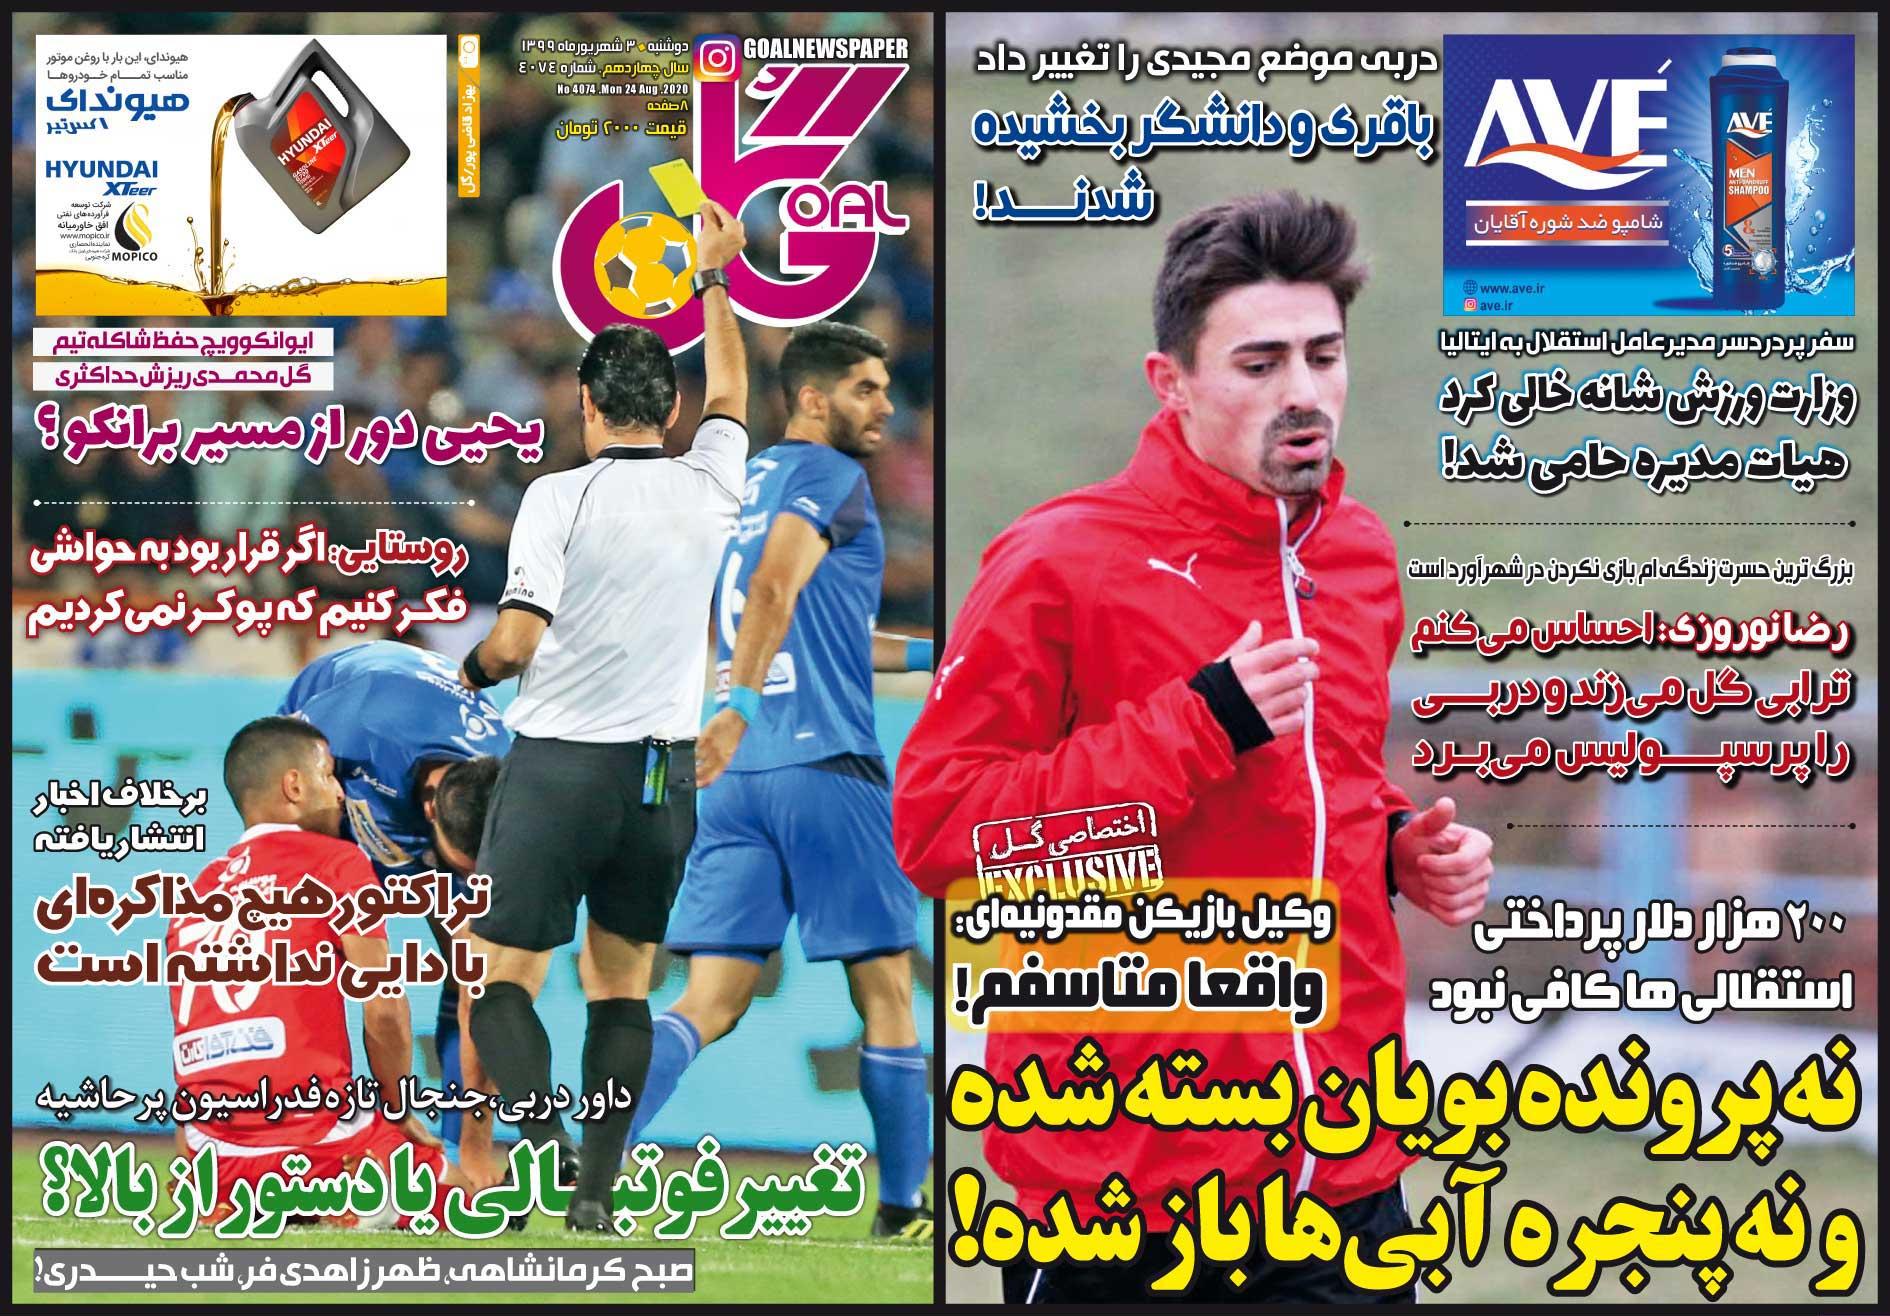 جلد روزنامه گل دوشنبه ۳ شهریور ۹۹